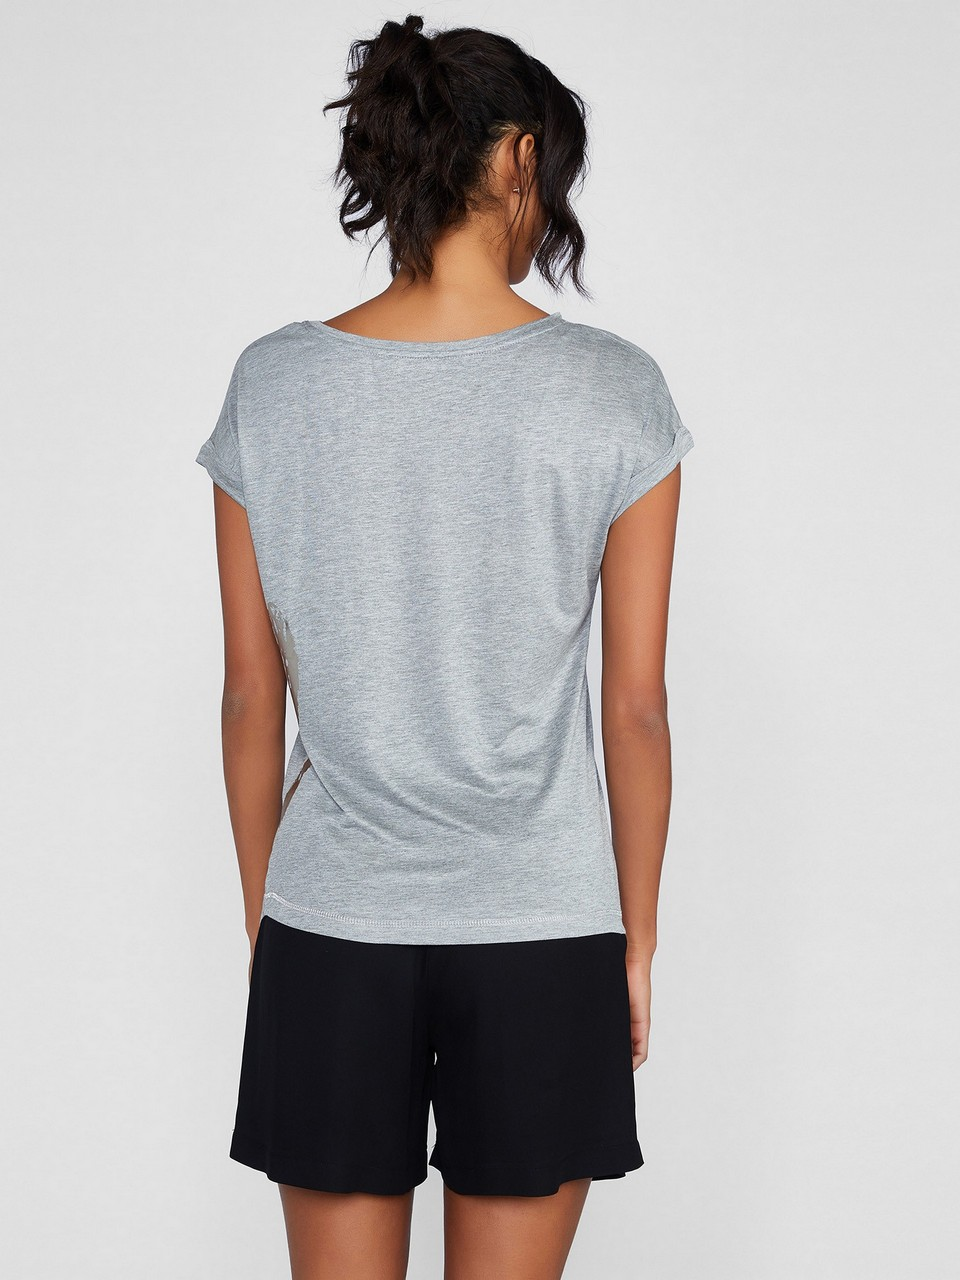 Kayık Yaka Japone Kol Baskılı T-Shirt